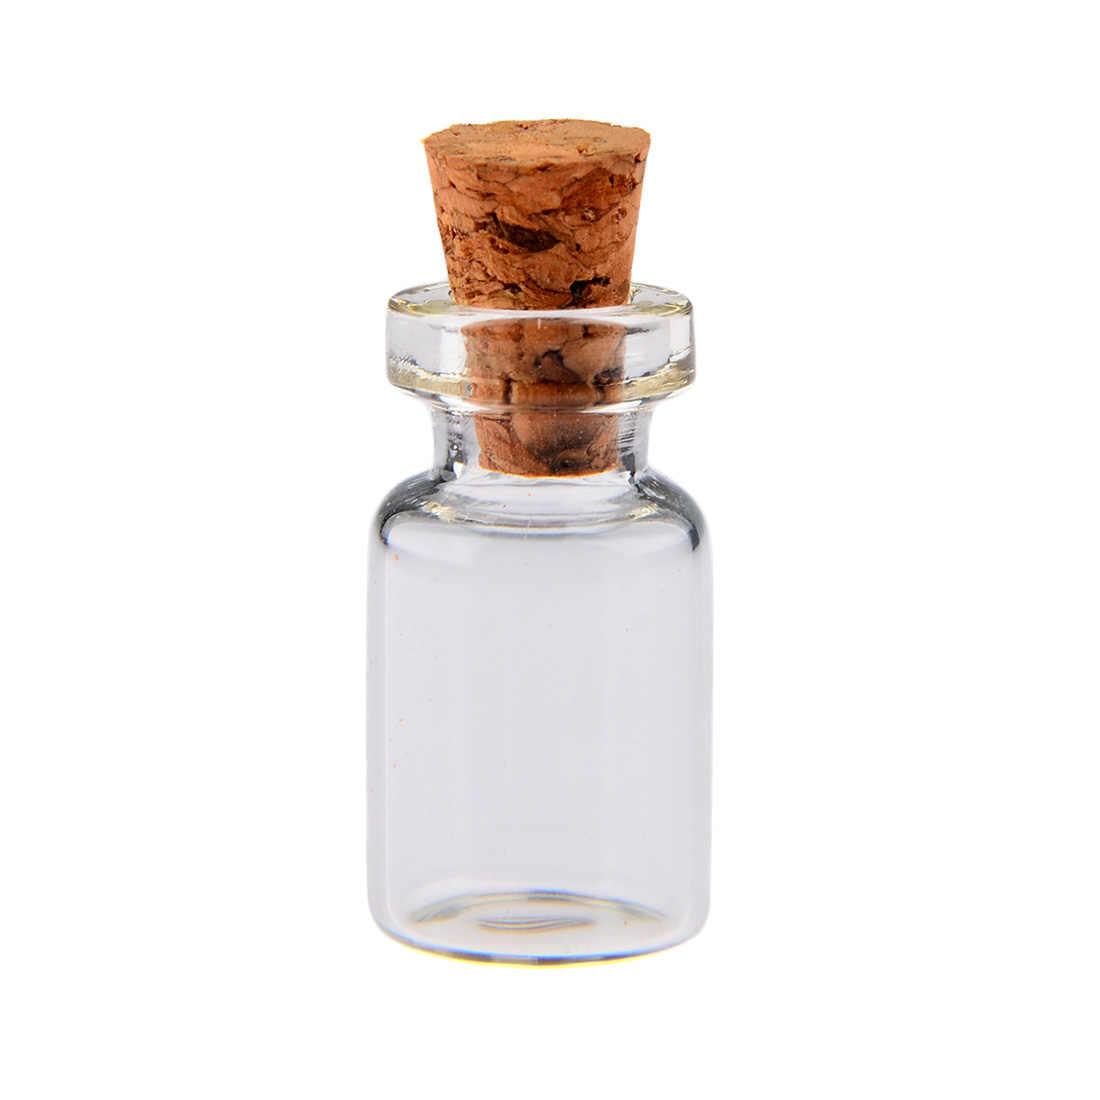 50 PC/100 PCS/1000pcs 0.5ml มินิขวดแก้วล้างขวดขวดที่ว่างเปล่า Glass Jars cork งานแต่งงานโปรดปราน